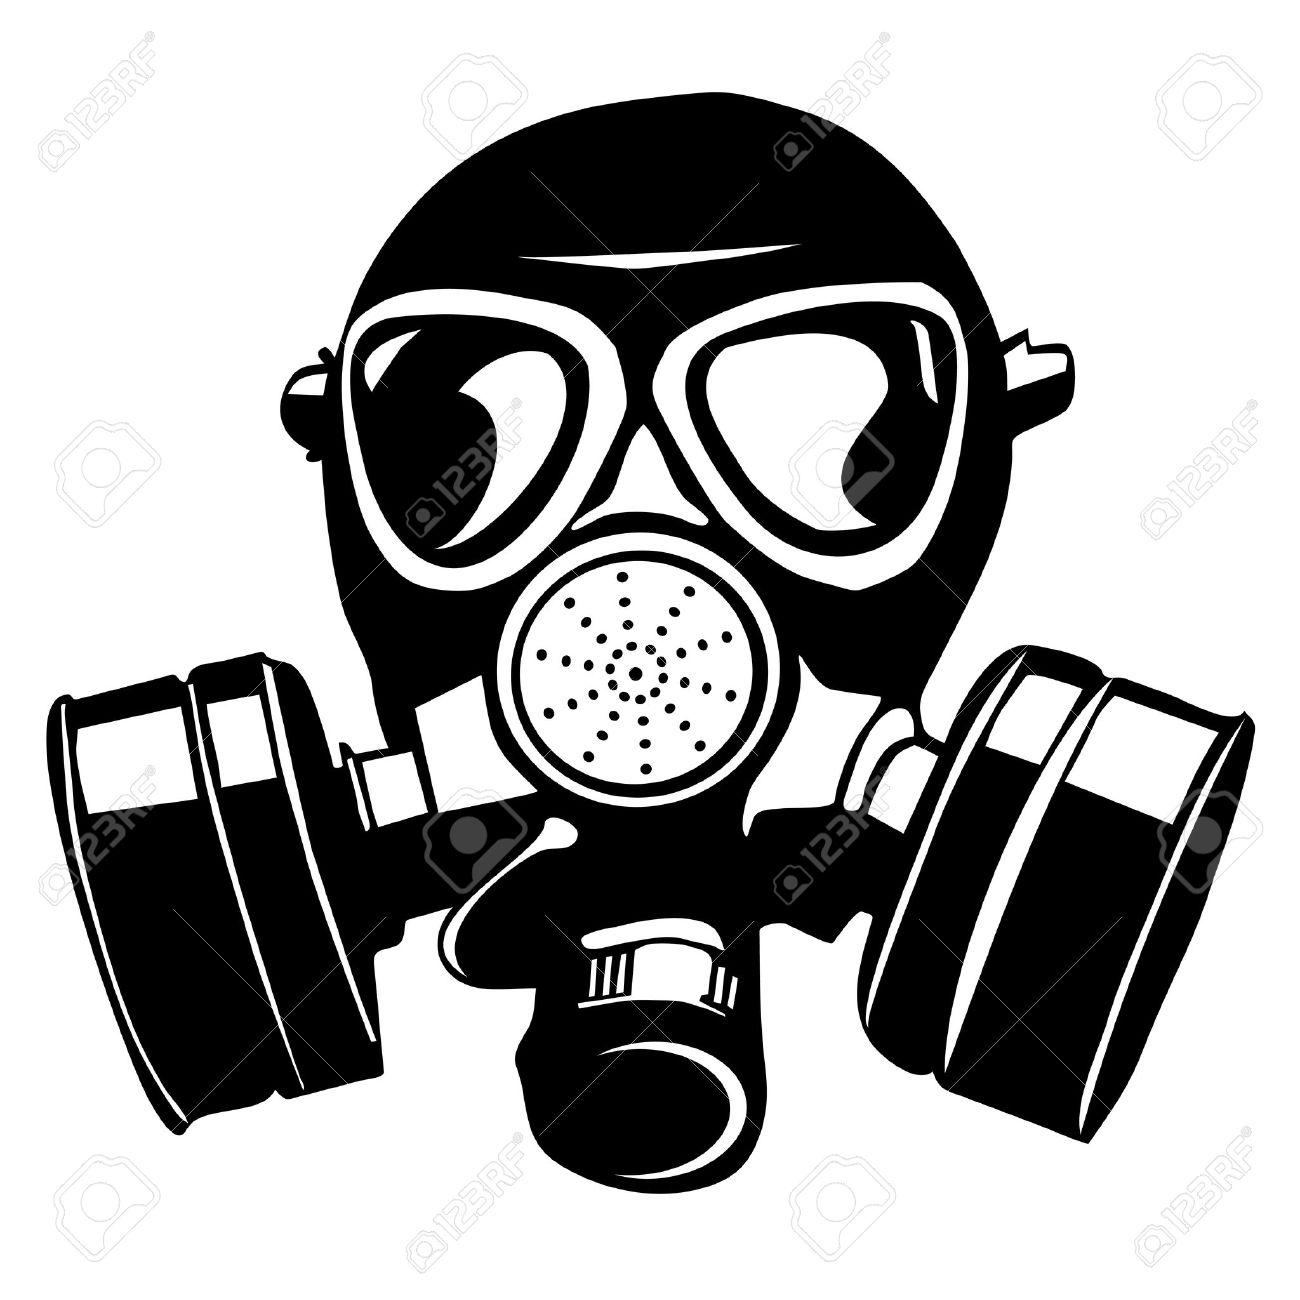 Gas mask Stock Vector - 14777144-Gas mask Stock Vector - 14777144-10